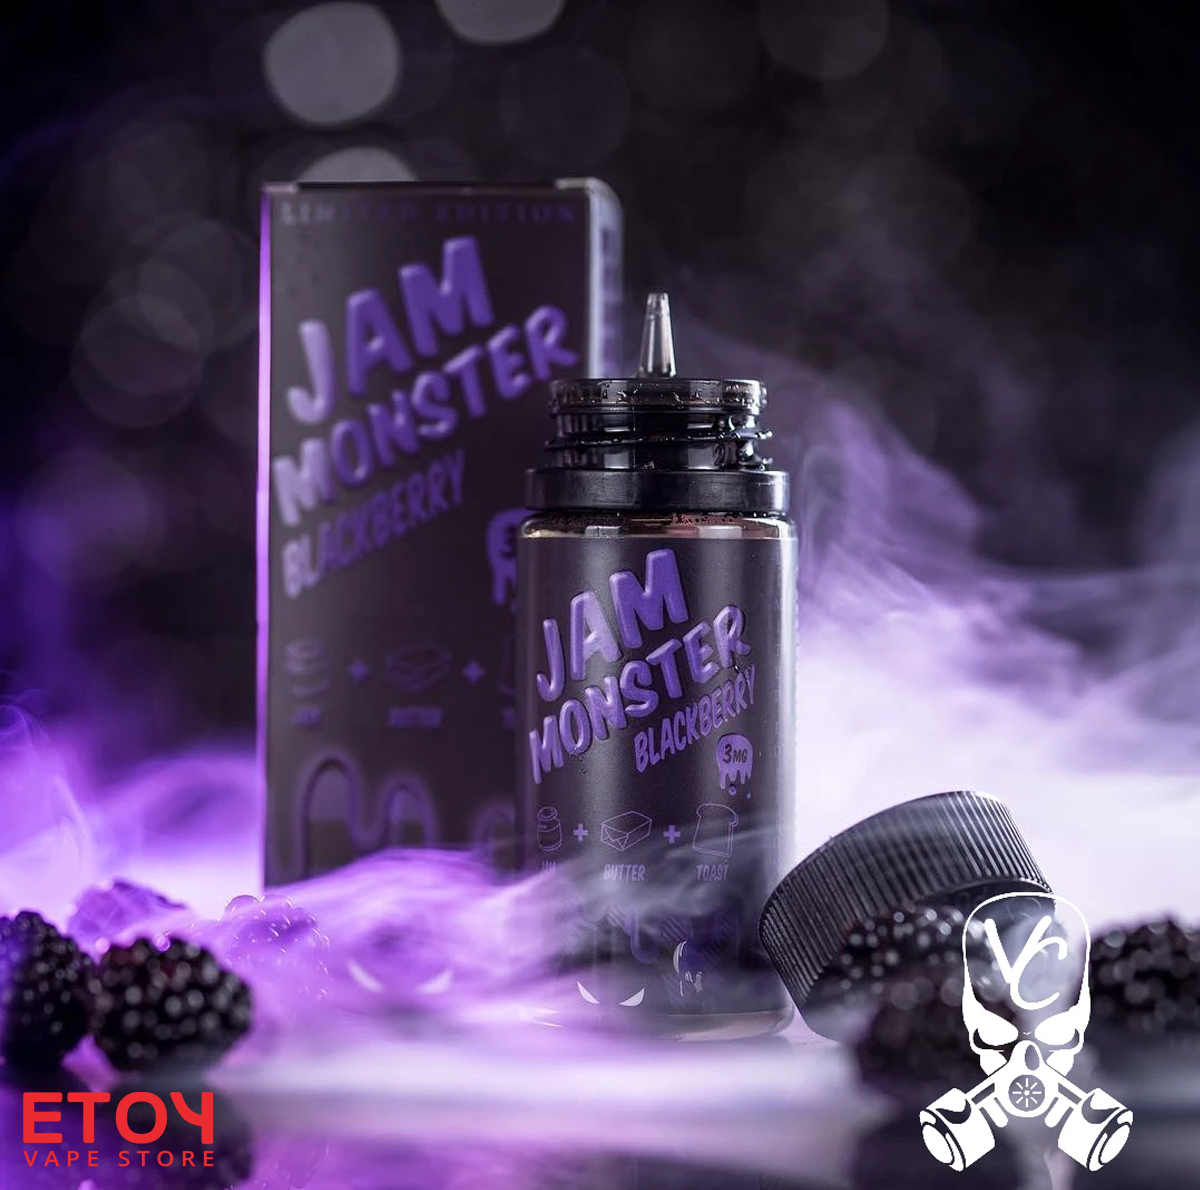 jam monster berry